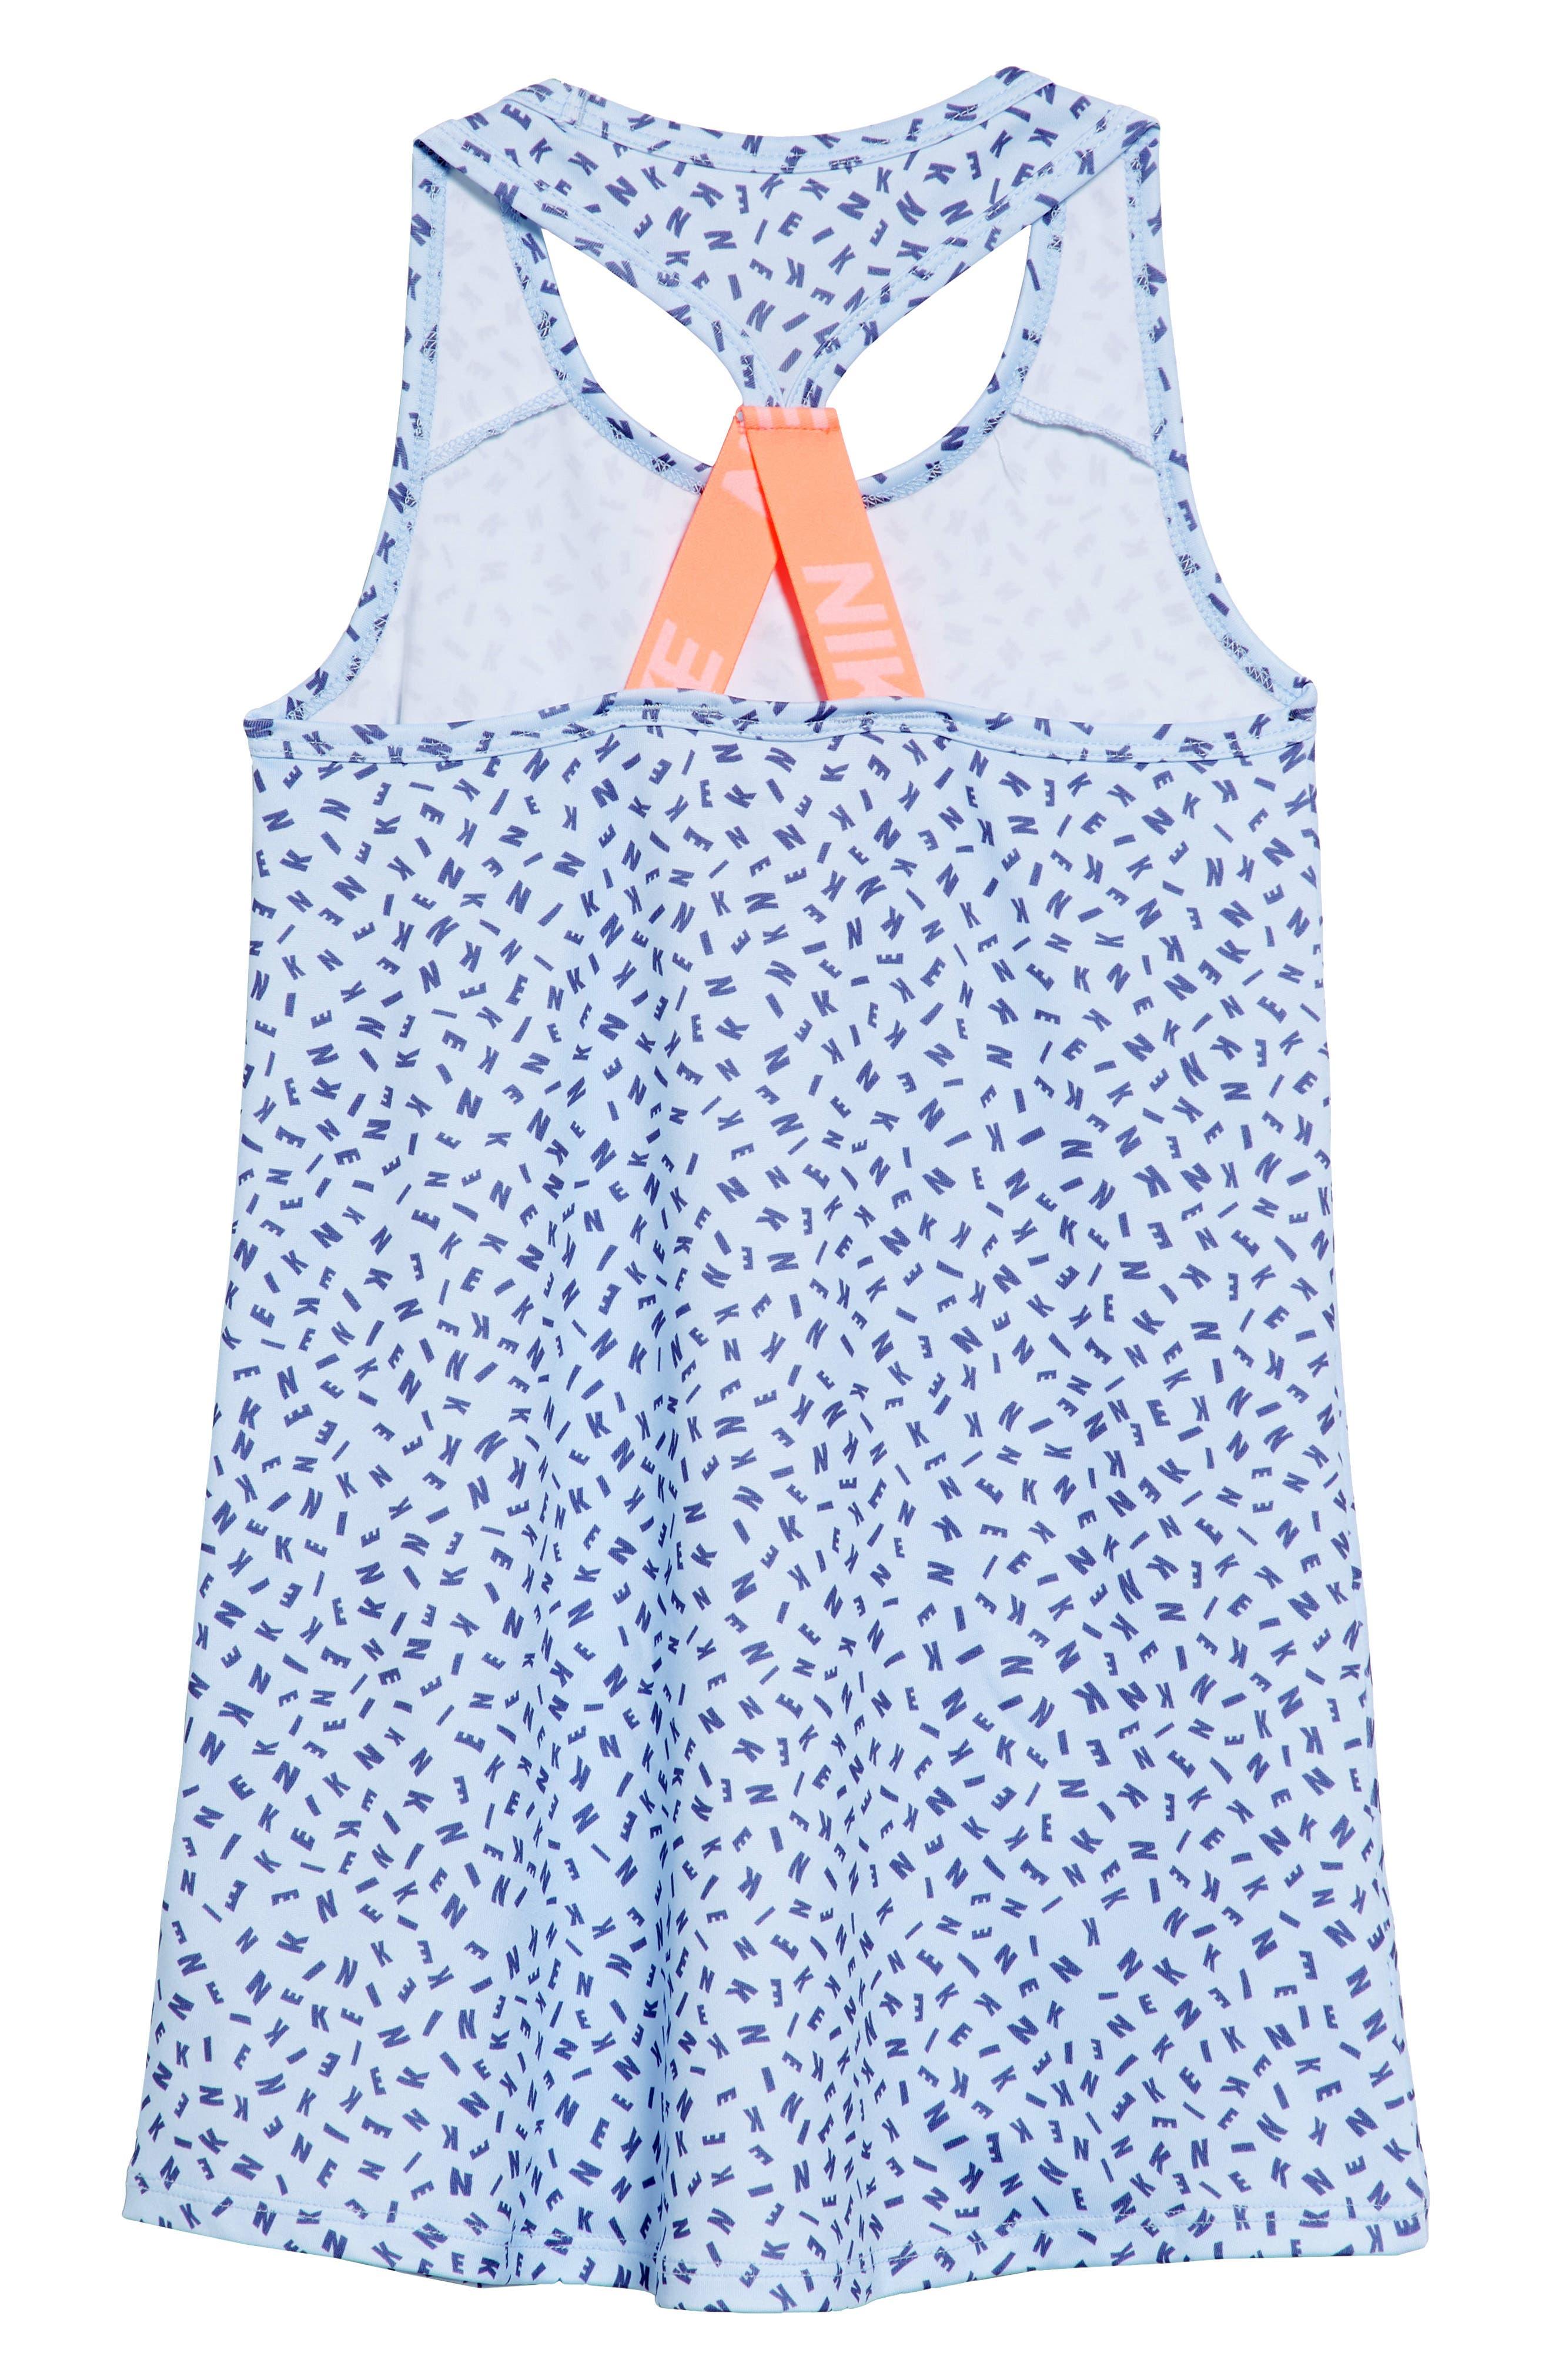 Dry Toss Dress,                             Alternate thumbnail 2, color,                             452